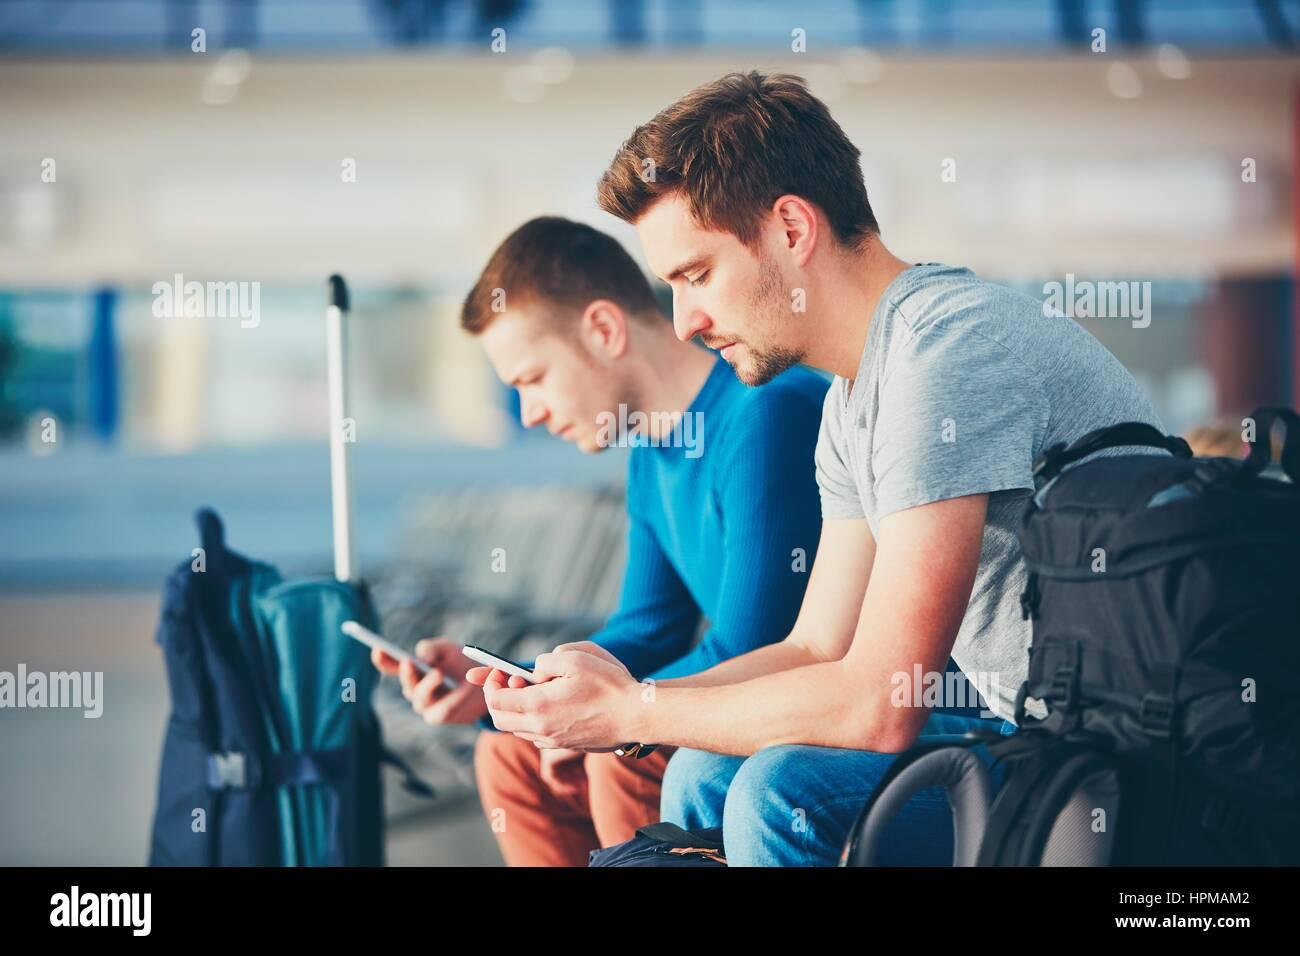 Deux amis voyageant ensemble. Voyageurs avec des téléphones mobiles en attente à l'aéroport, Photo Stock